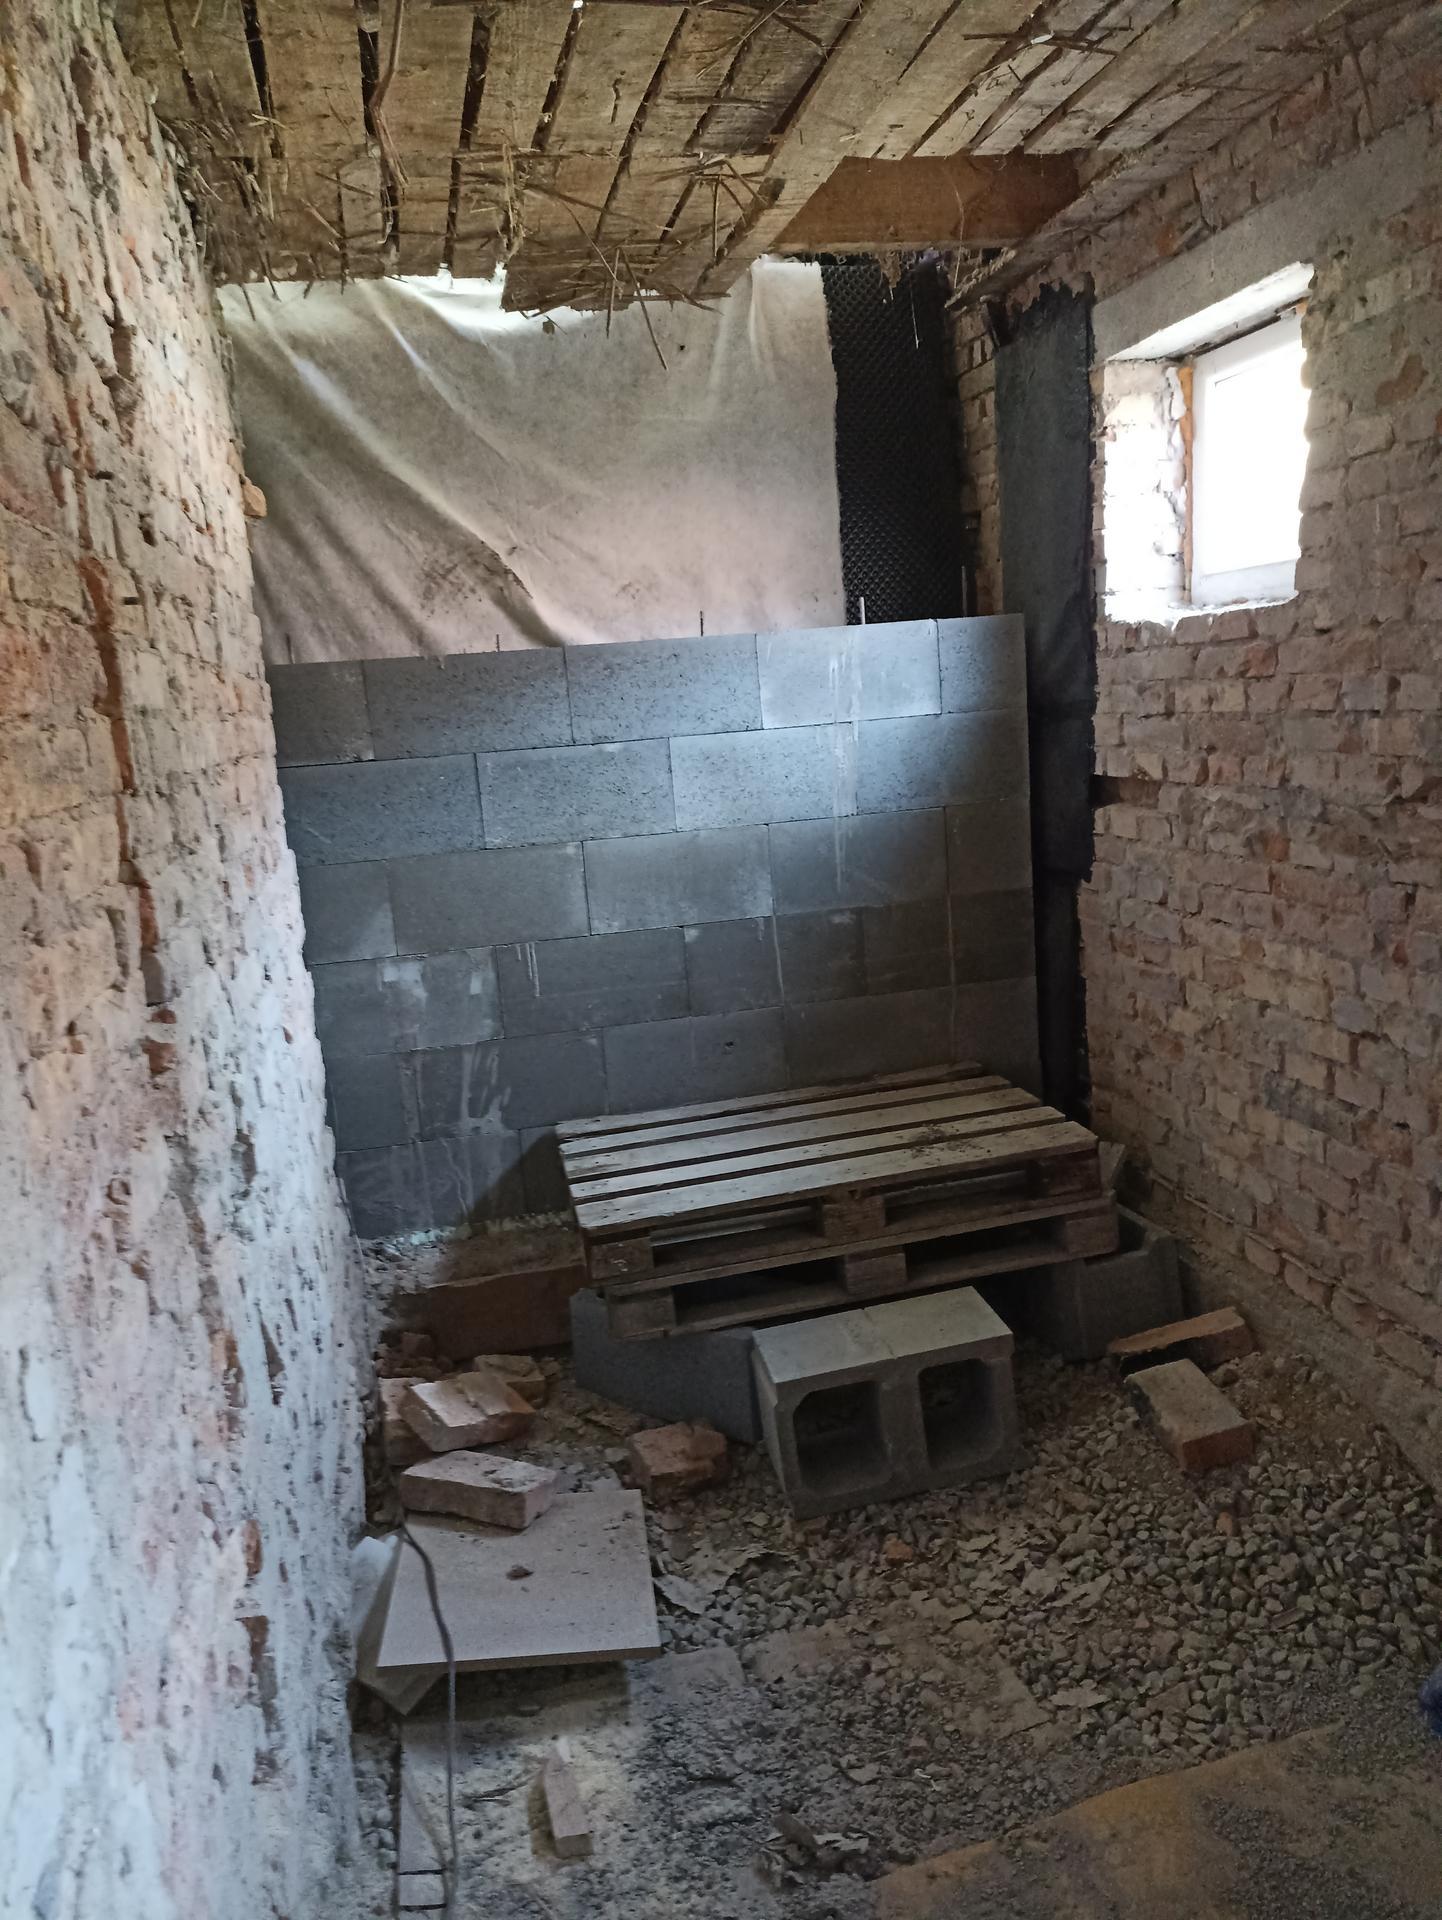 Koupelna - Stavíme opěrnou zeď